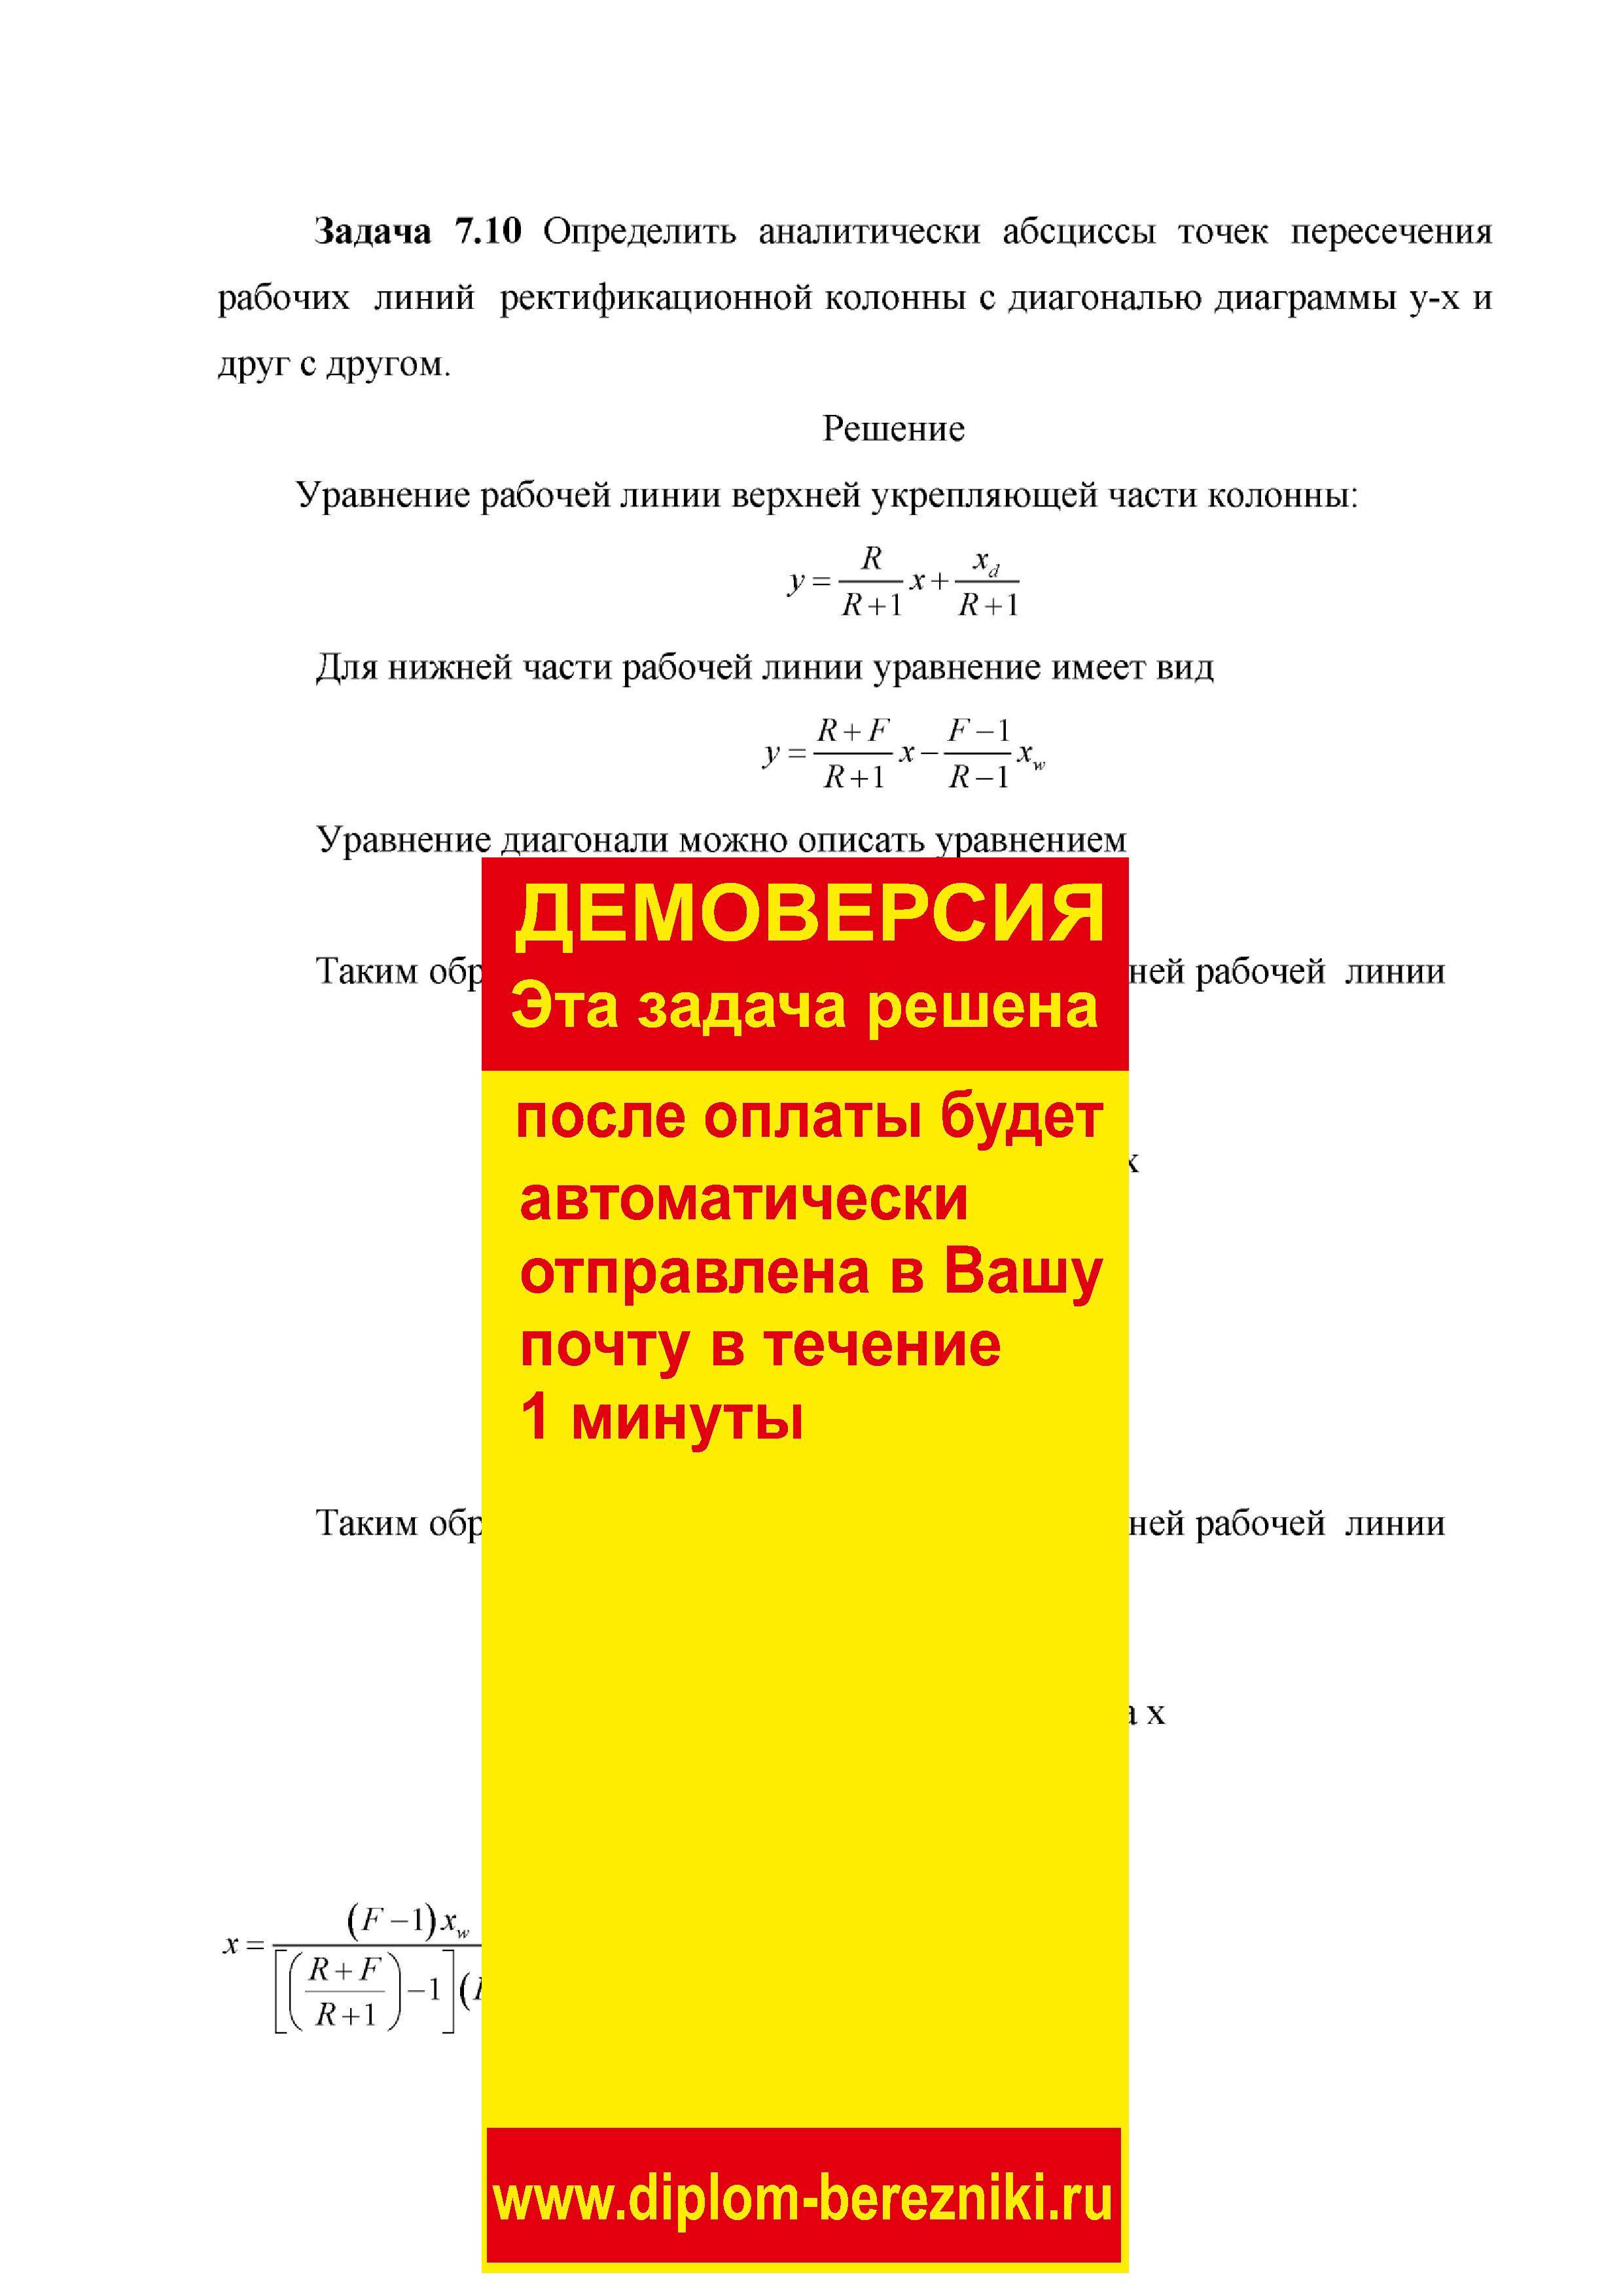 Решение задачи 7.10 по ПАХТ из задачника Павлова Романкова Носкова